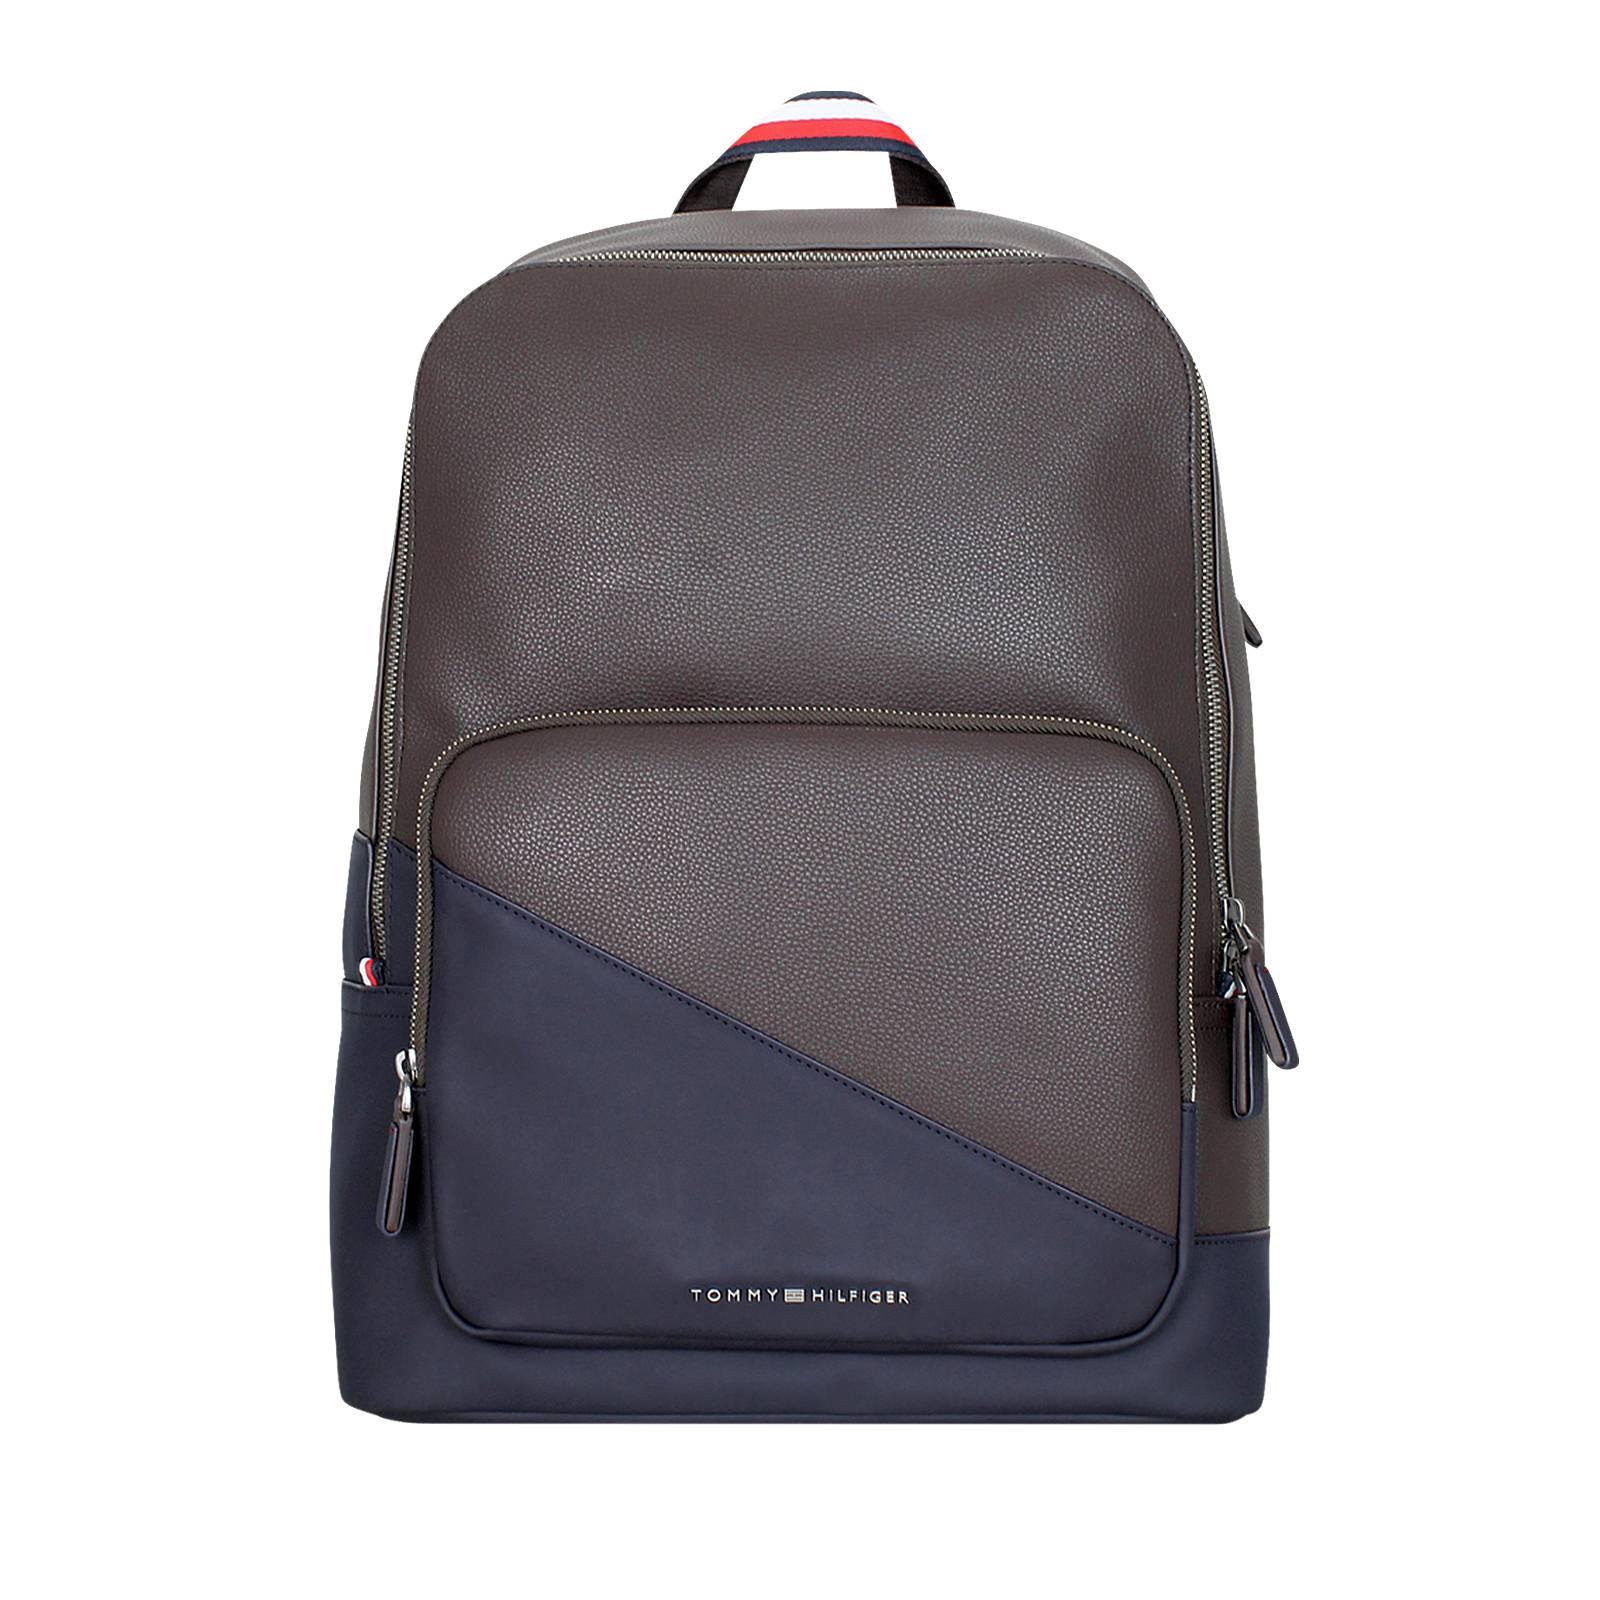 diagonal backpack tommy hilfiger men 39 s bag made of. Black Bedroom Furniture Sets. Home Design Ideas